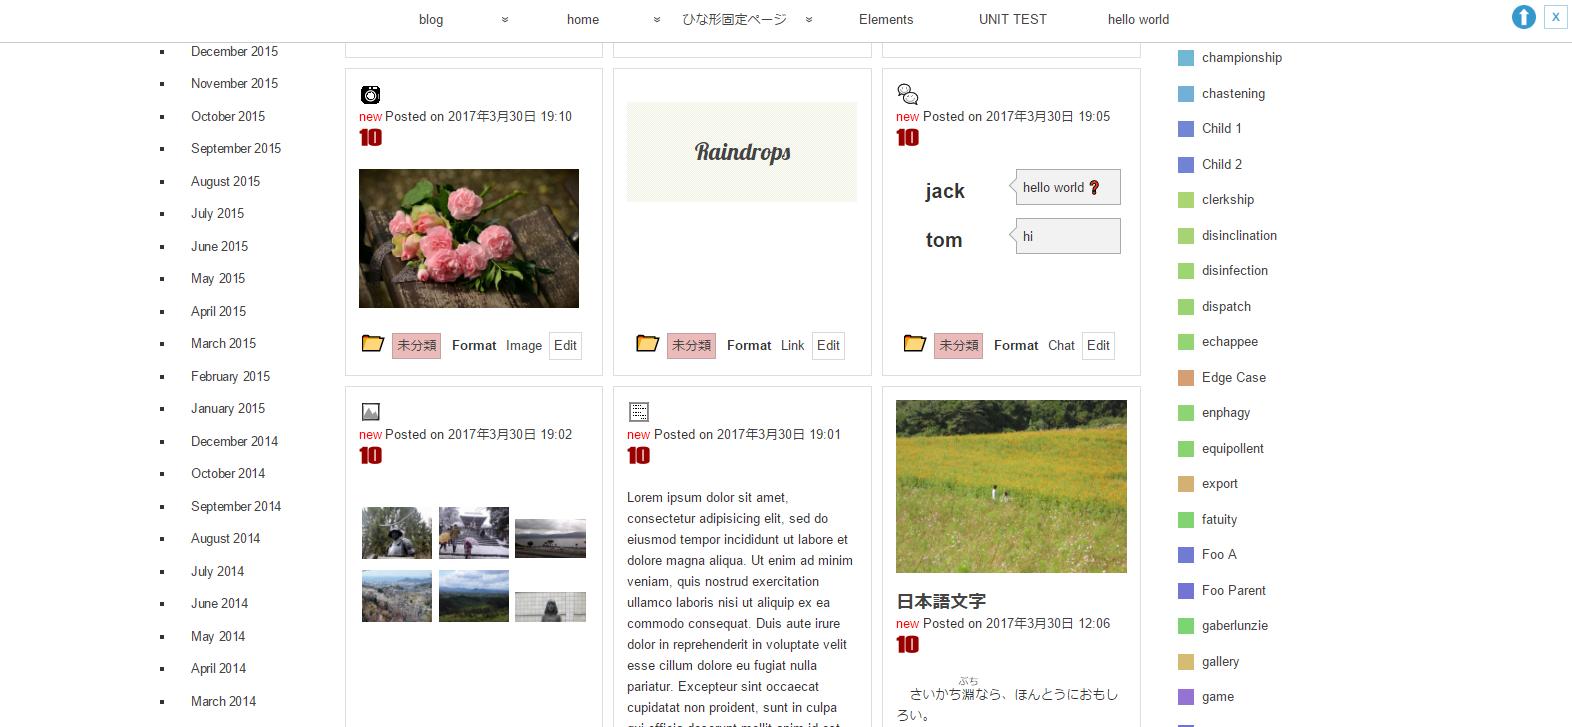 grid-screenshot